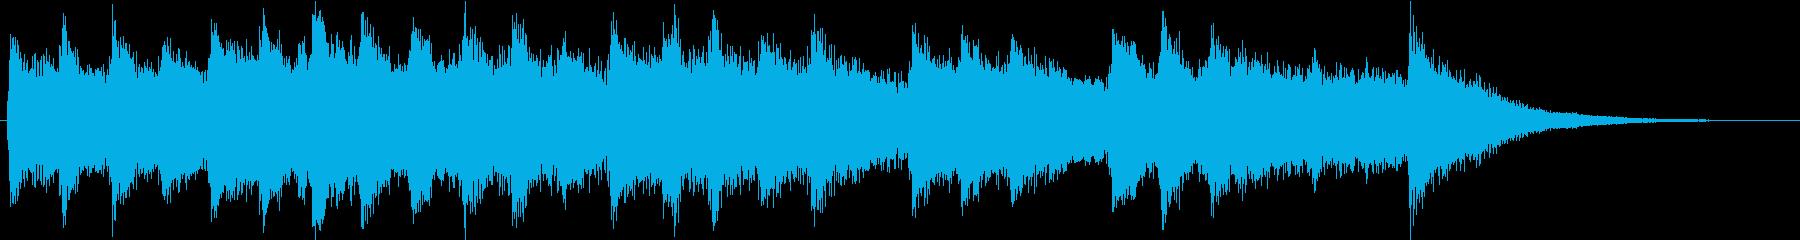 さわやかな目覚めのイメージのチャイムの再生済みの波形